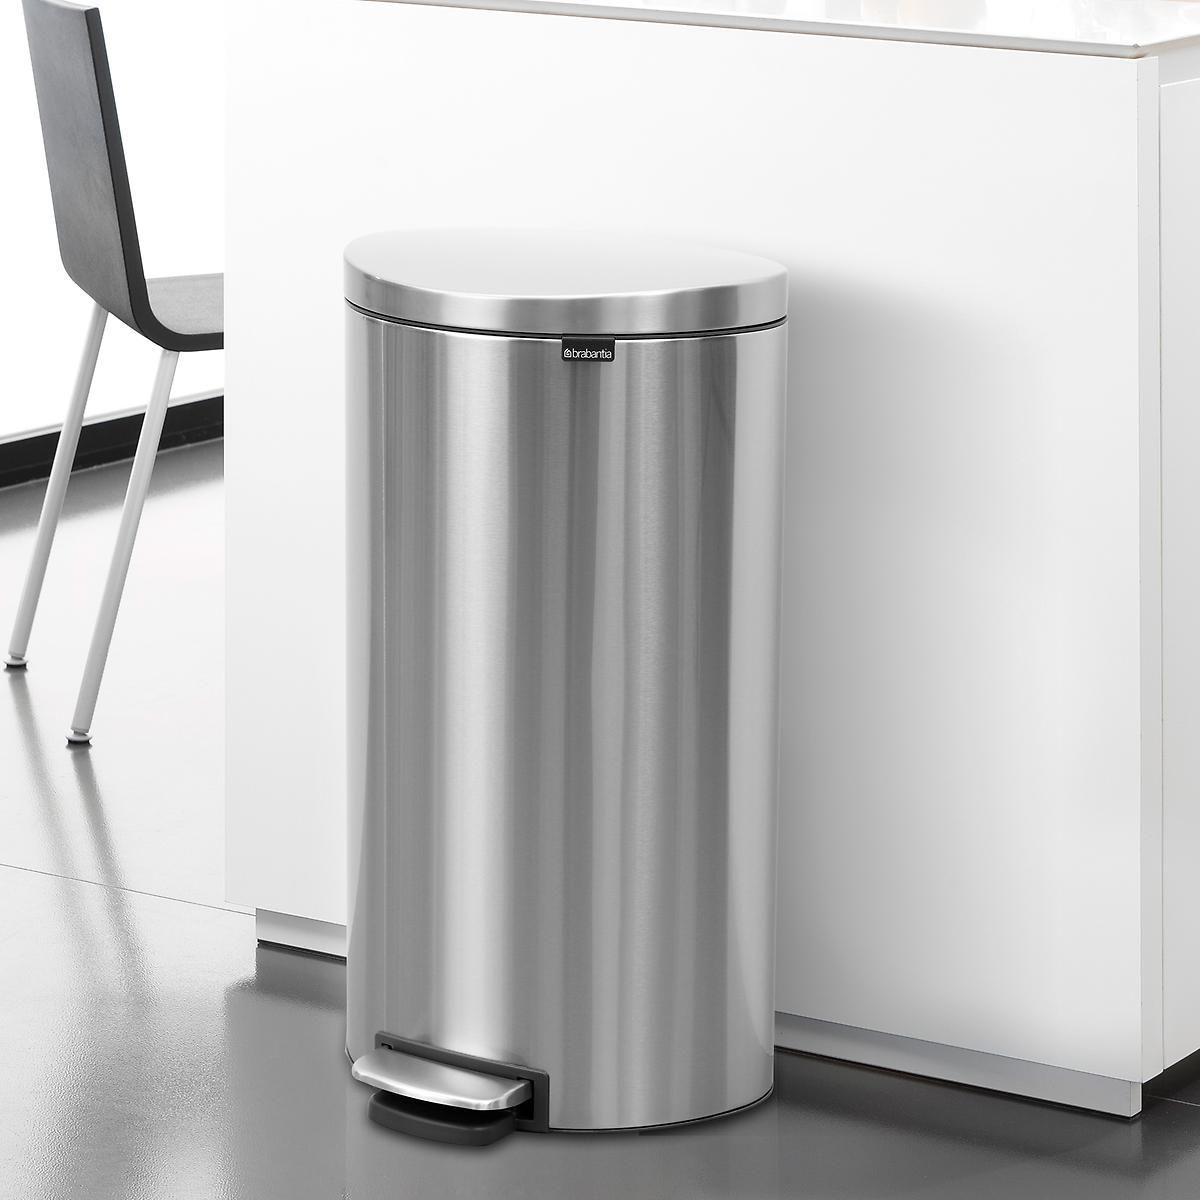 Download Wallpaper White Metal Kitchen Trash Can